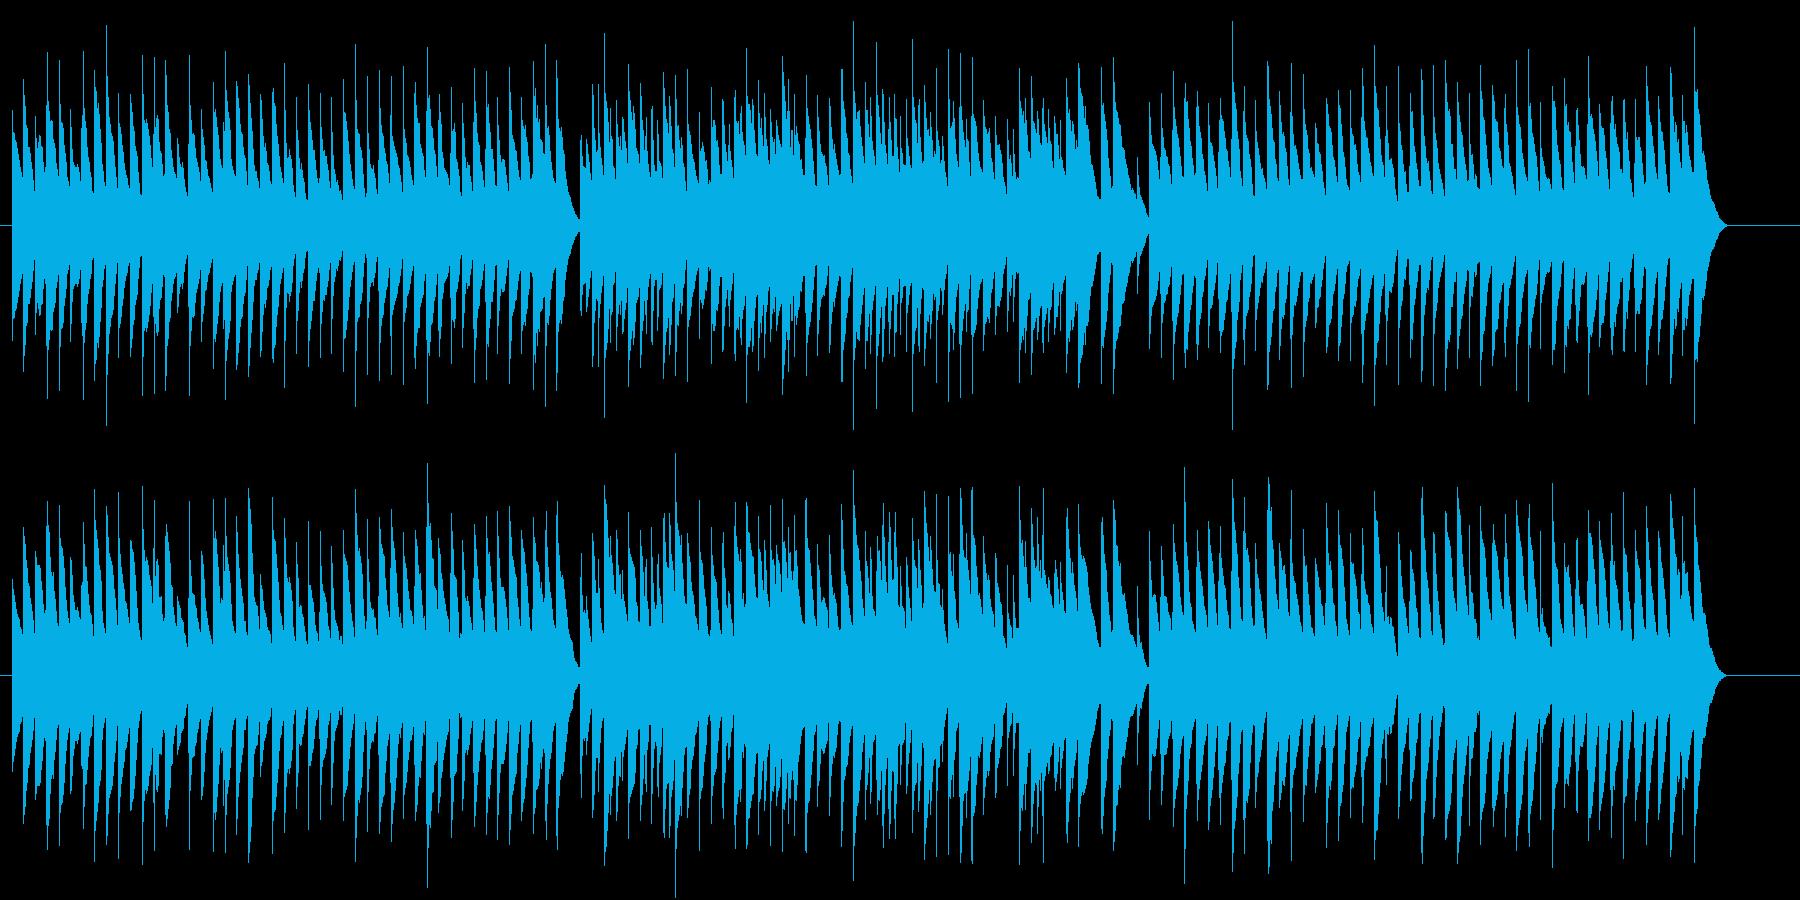 とても切ないマイナー調のオルゴールの再生済みの波形